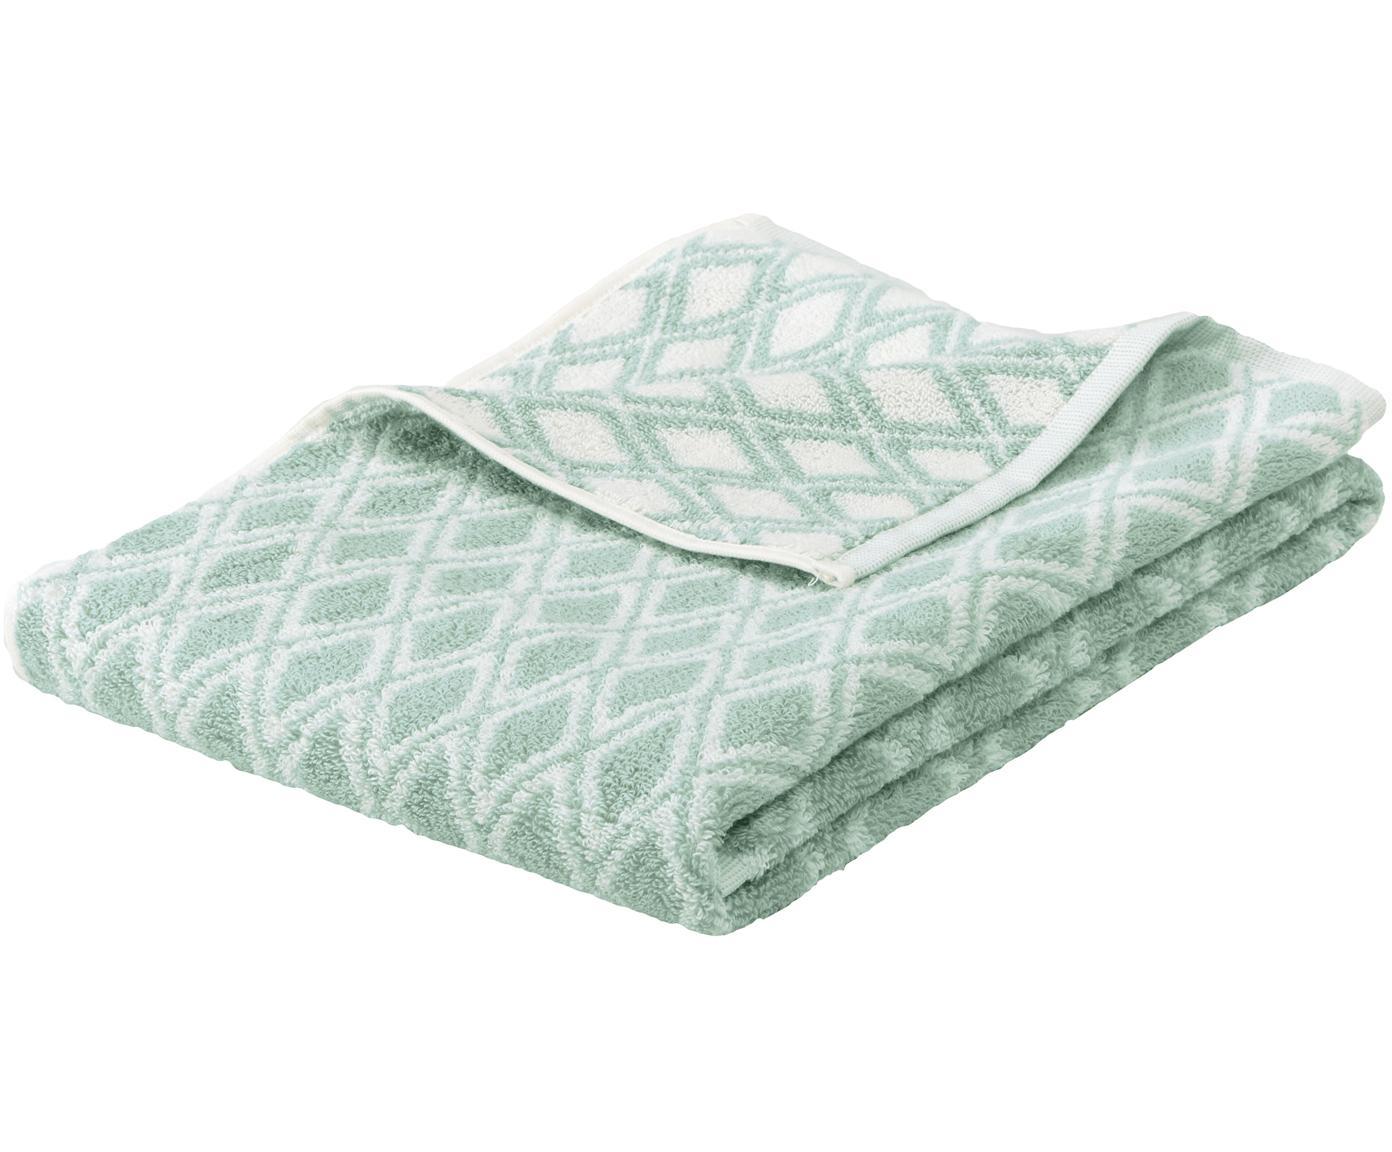 Asciugamano reversibile con motivo grafico Ava, Verde menta, bianco crema, Telo bagno